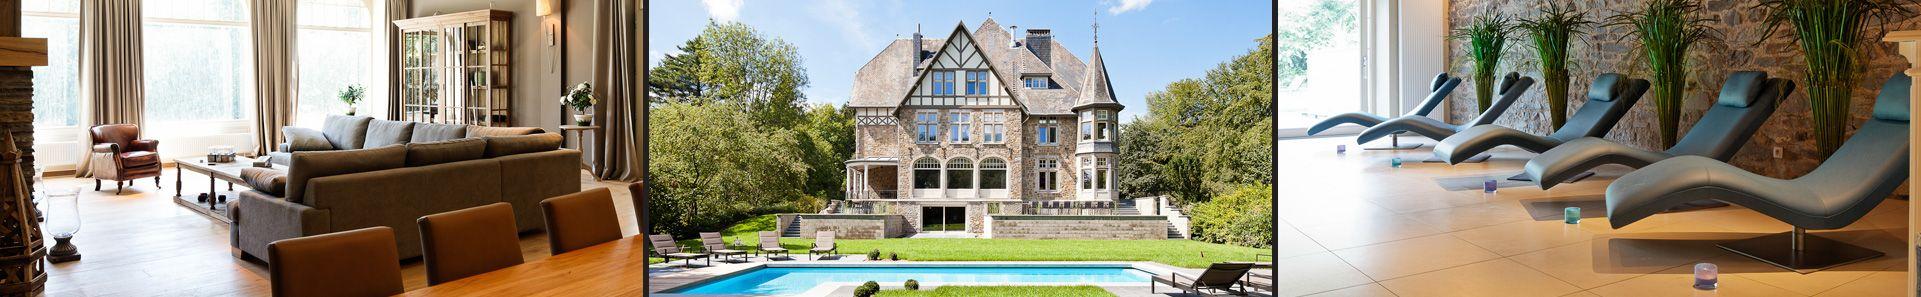 Val de Targnon | Château et Chalets  Voor 30 man, €96 per pers. voor een lang weekend!